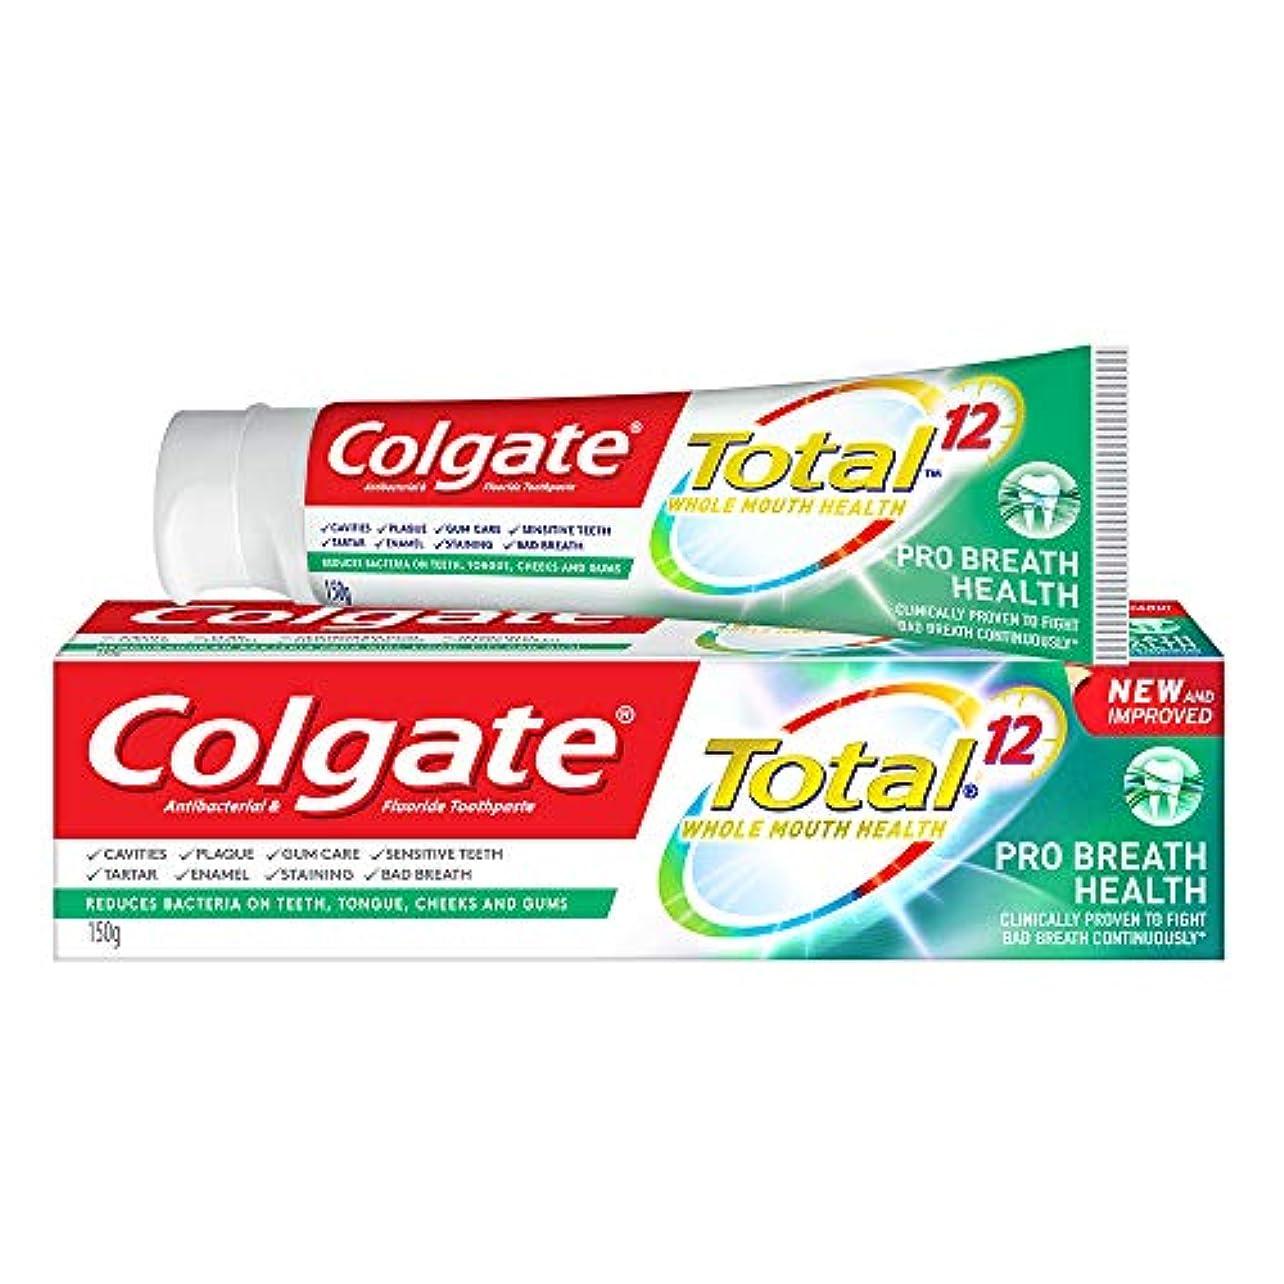 カカドゥワックス気候の山コルゲート Colgate PRO BREATH HEALTH 150g